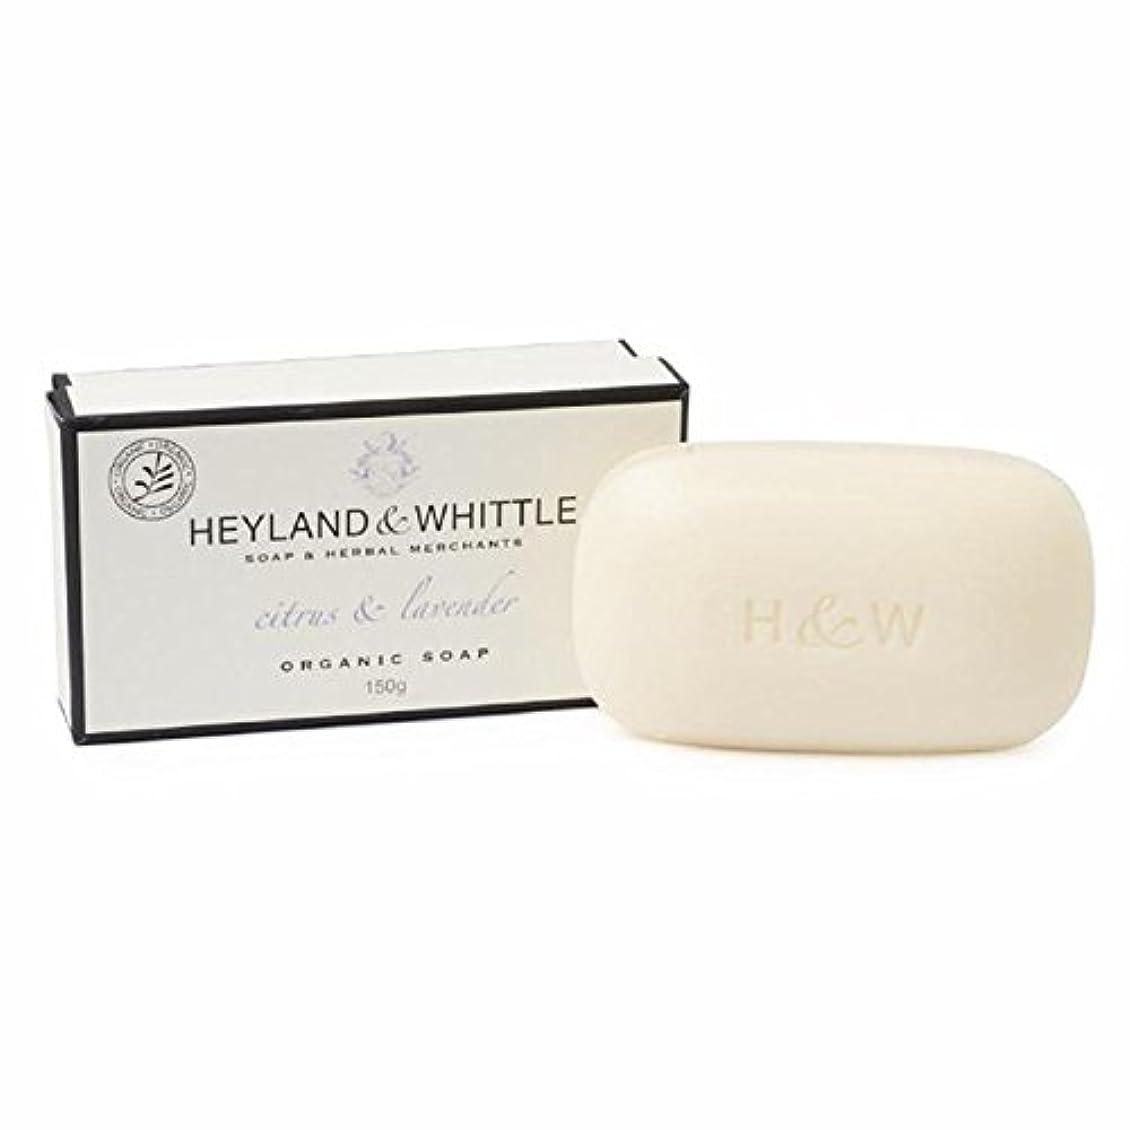 ディベートシーズン荒野Heyland & Whittle Citrus & Lavender Boxed Organic Soap 150g (Pack of 6) - &削るシトラス&ラベンダーは、有機石鹸150グラム箱入り x6 [並行輸入品]